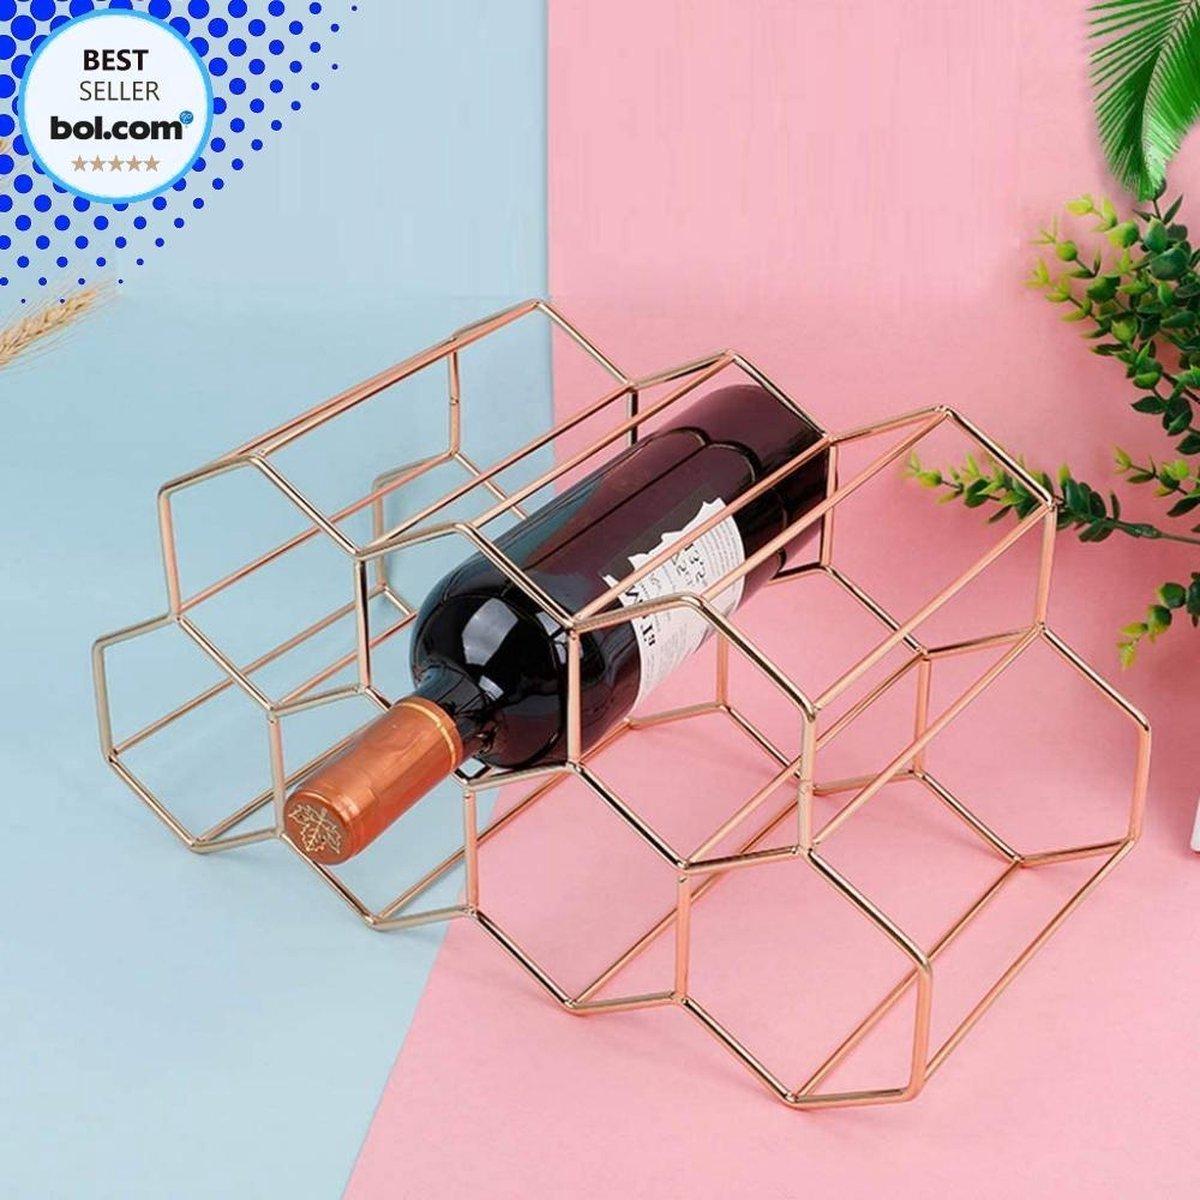 Wijnrek Hexagon 9 Flessen | Flessenrek | Wijn Accessoires | Wijnkast | Wijnrek Metaal | Wijnrekken | Wijnfleshouder | Wijnhouder | Rosé Goud